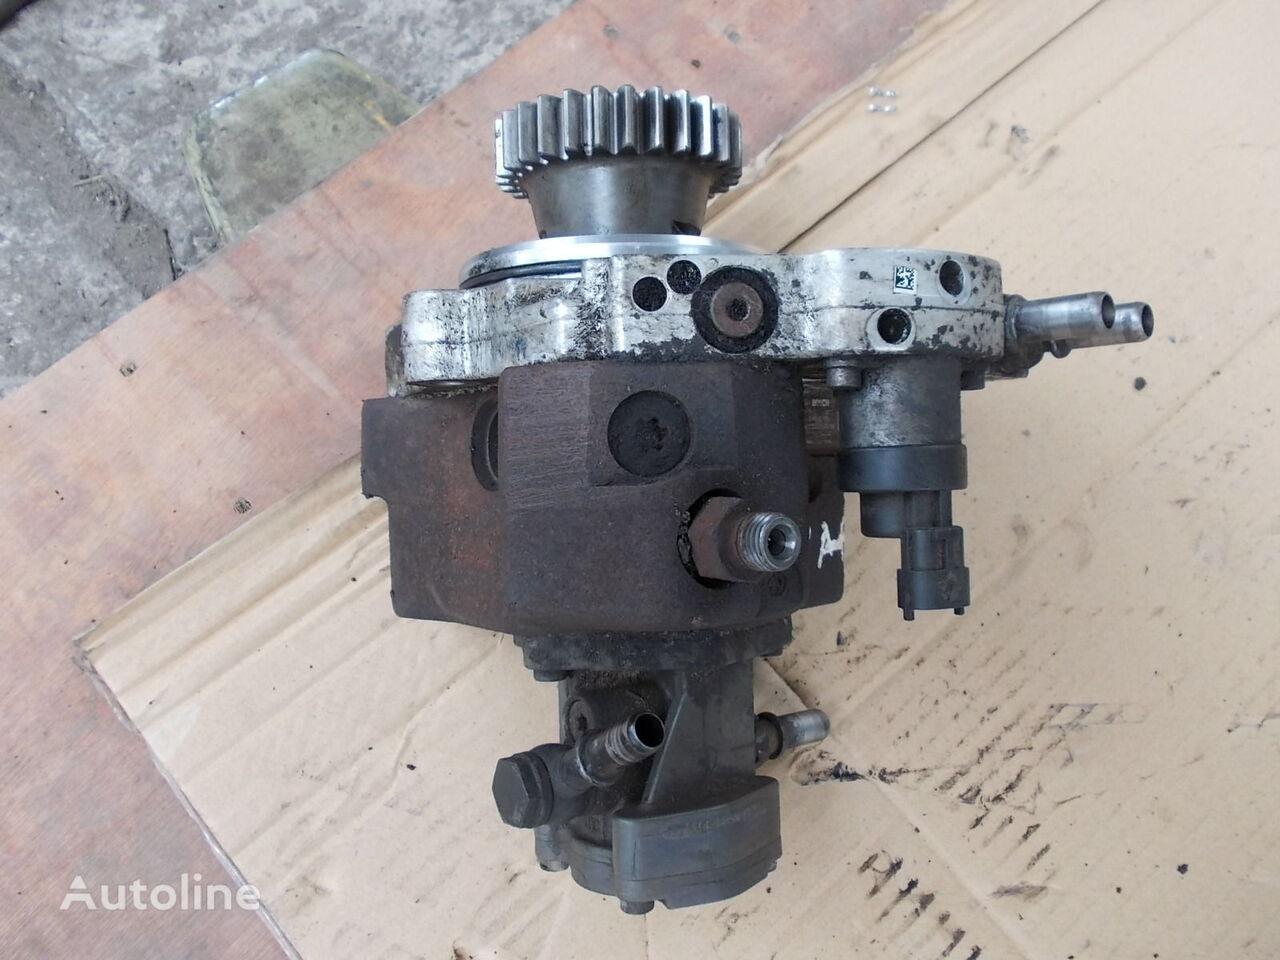 ТНВД MAN Насос високого тиску COMMON RAIL D2876 BOSCH для тягача MAN tga